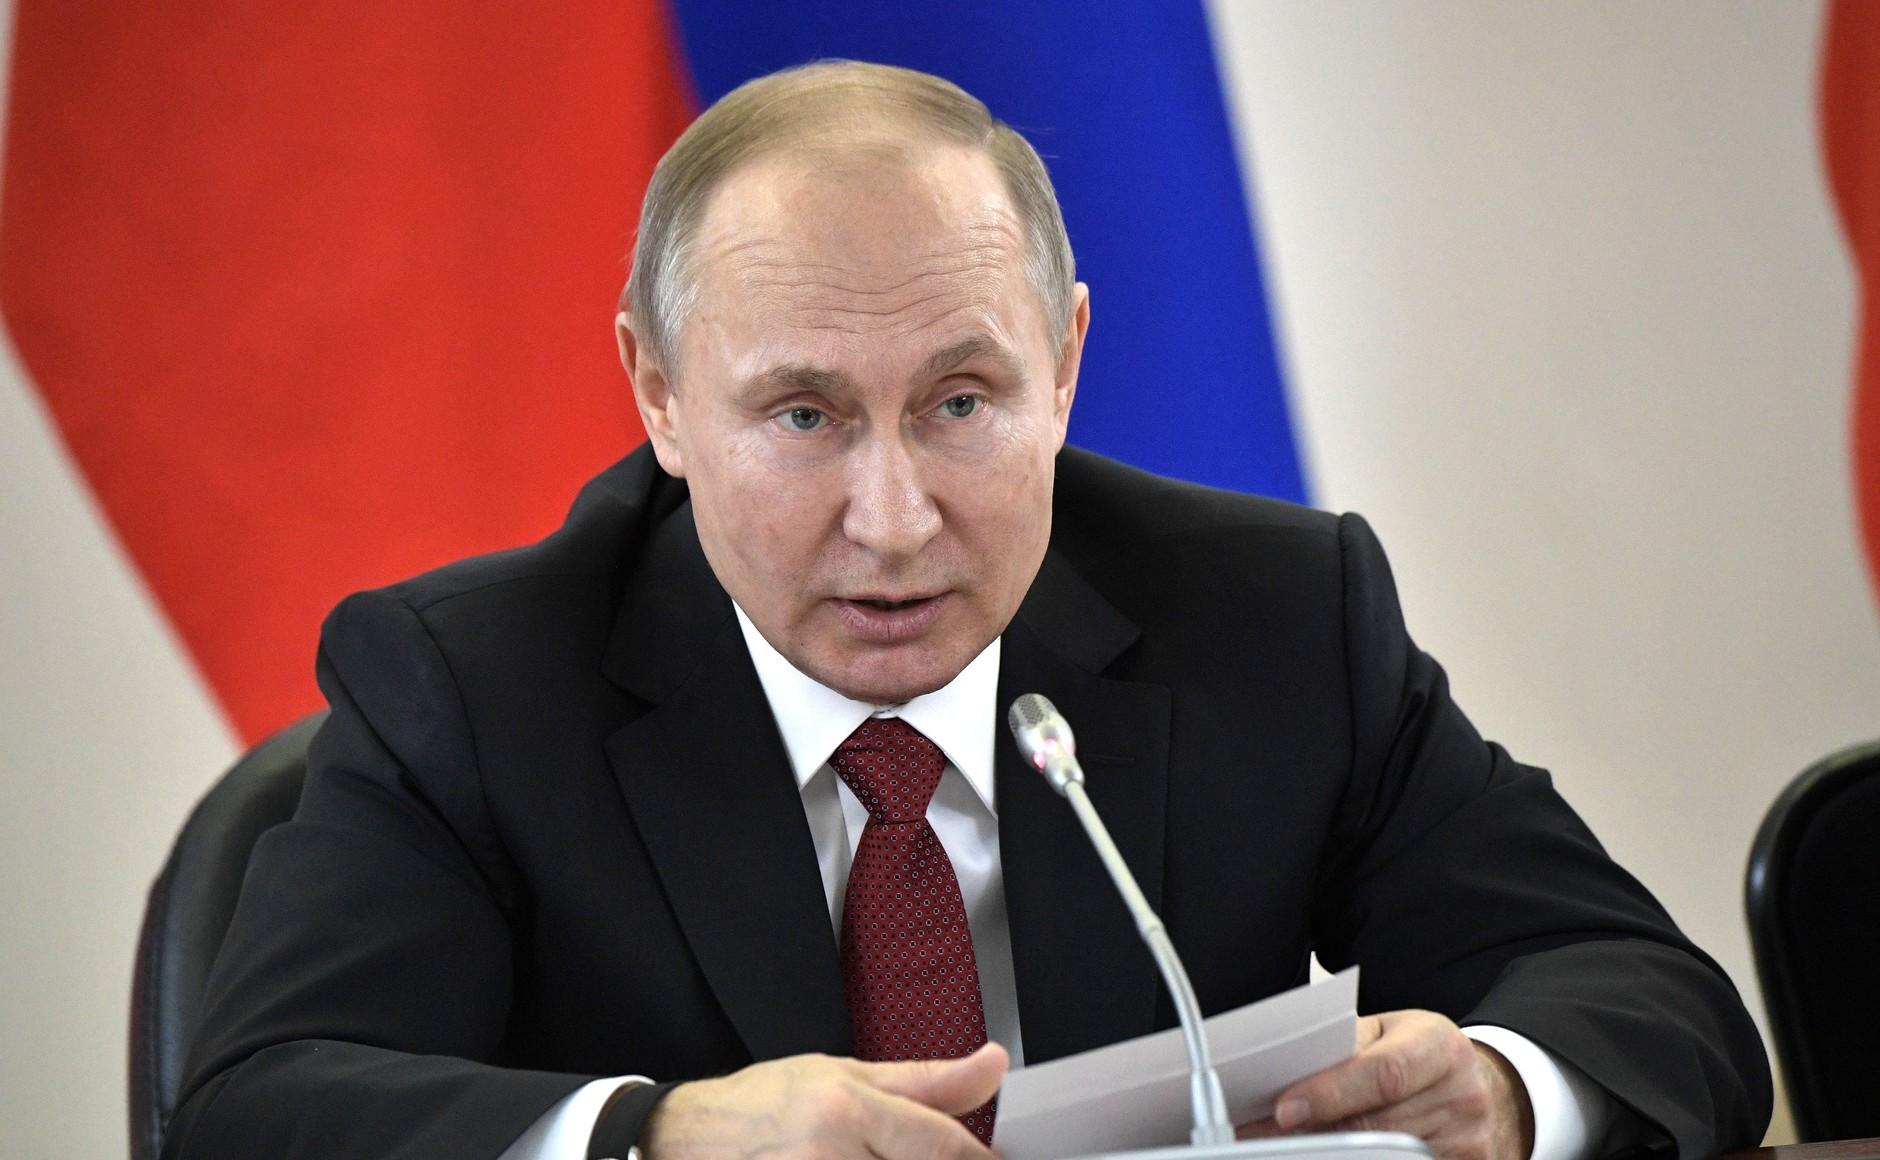 Владимир Путин дал Правительству 3 года, чтобы остановить вымирание нации